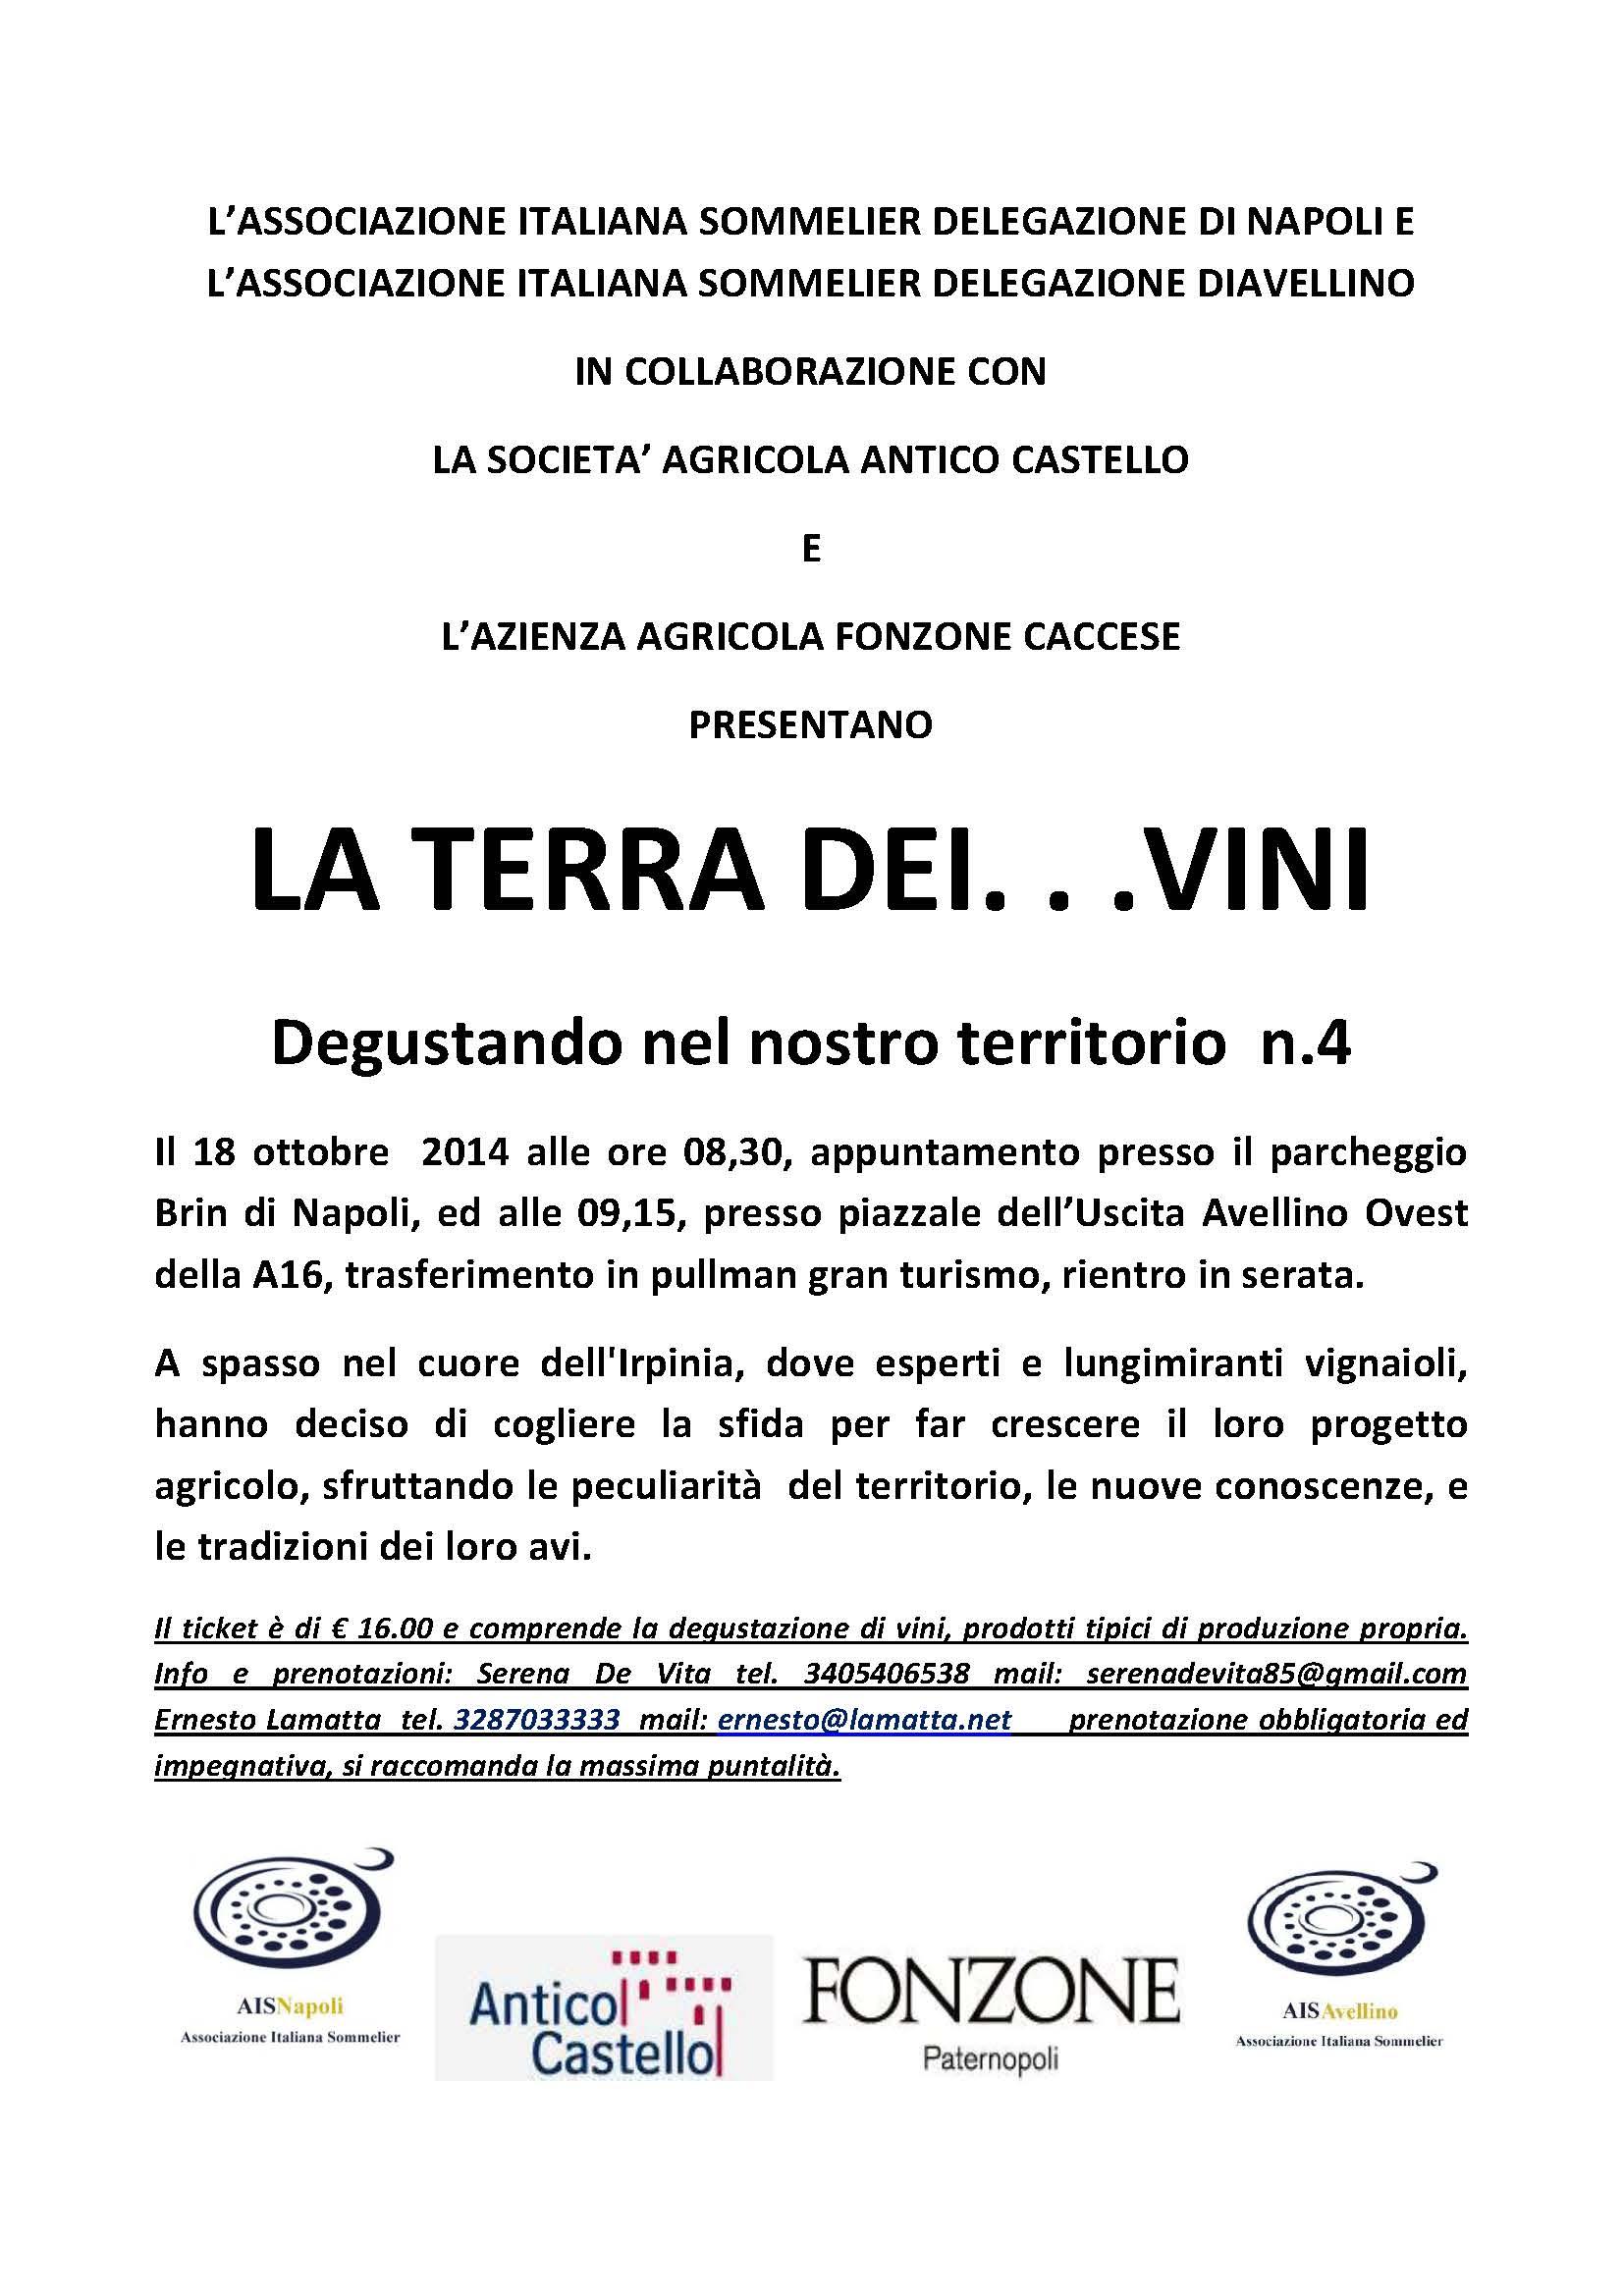 18 Ottobre, La Terra…dei vini con Fonzone Caccese e Antico Castello